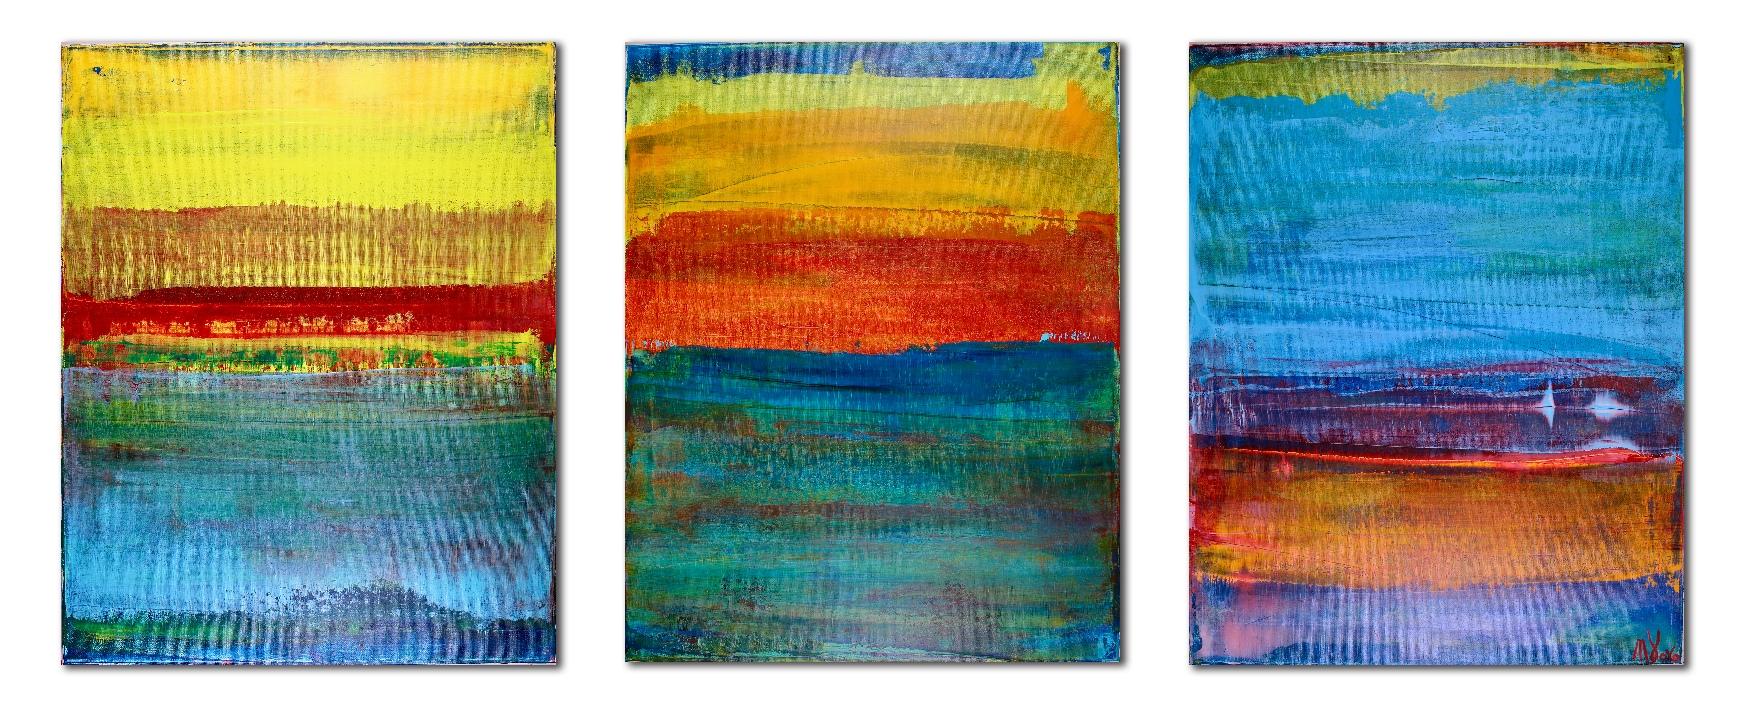 Sold - Morning Star - Nestor Toro - Los Angeles Abstract Artist